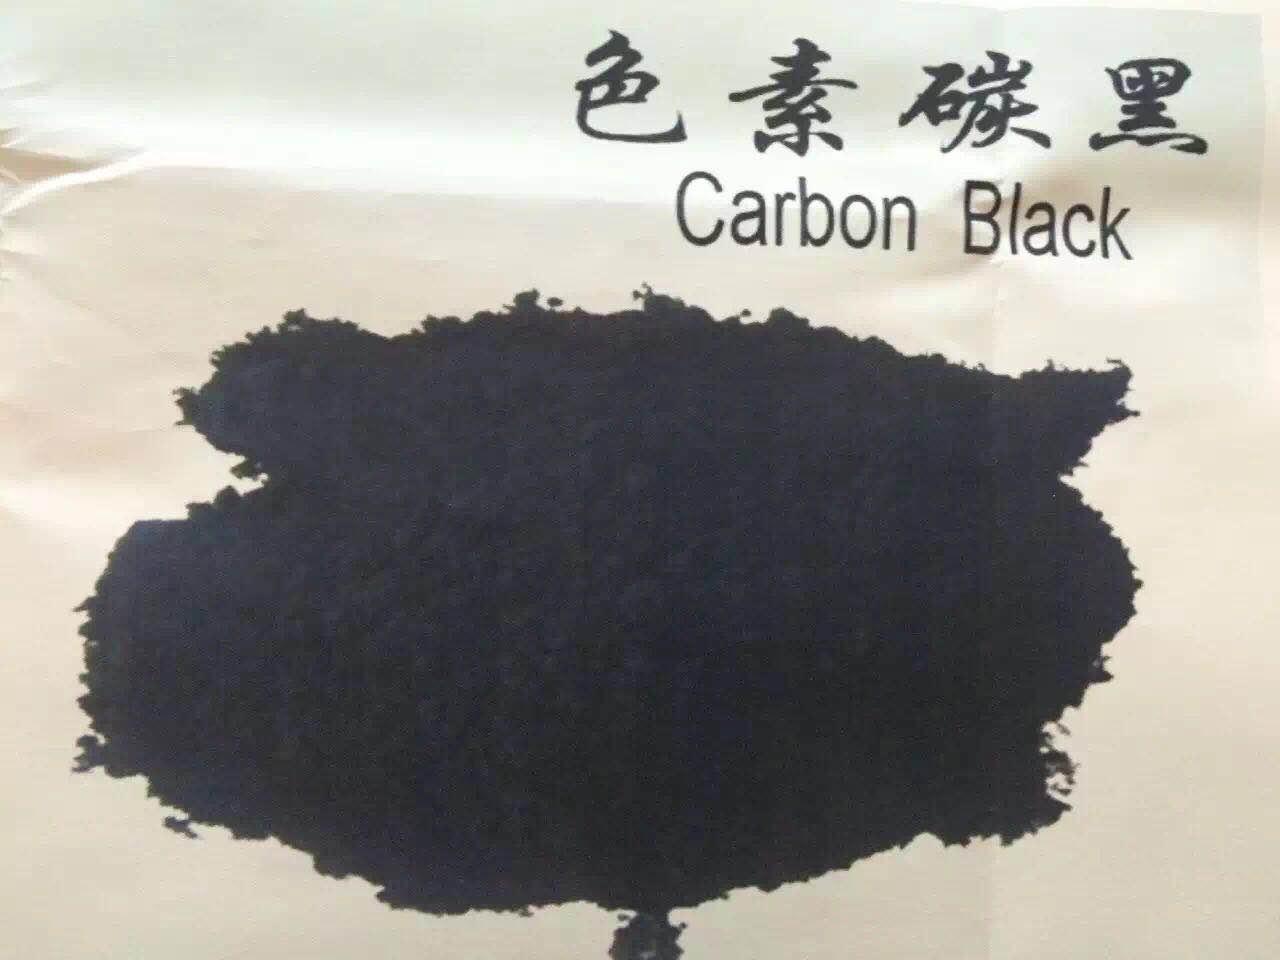 轮胎密封胶用碳黑N220N550N326碳黑@水溶性炭黑生产企业,山西炭黑生产厂家,湿法颗粒炭黑 橡胶炭黑N330